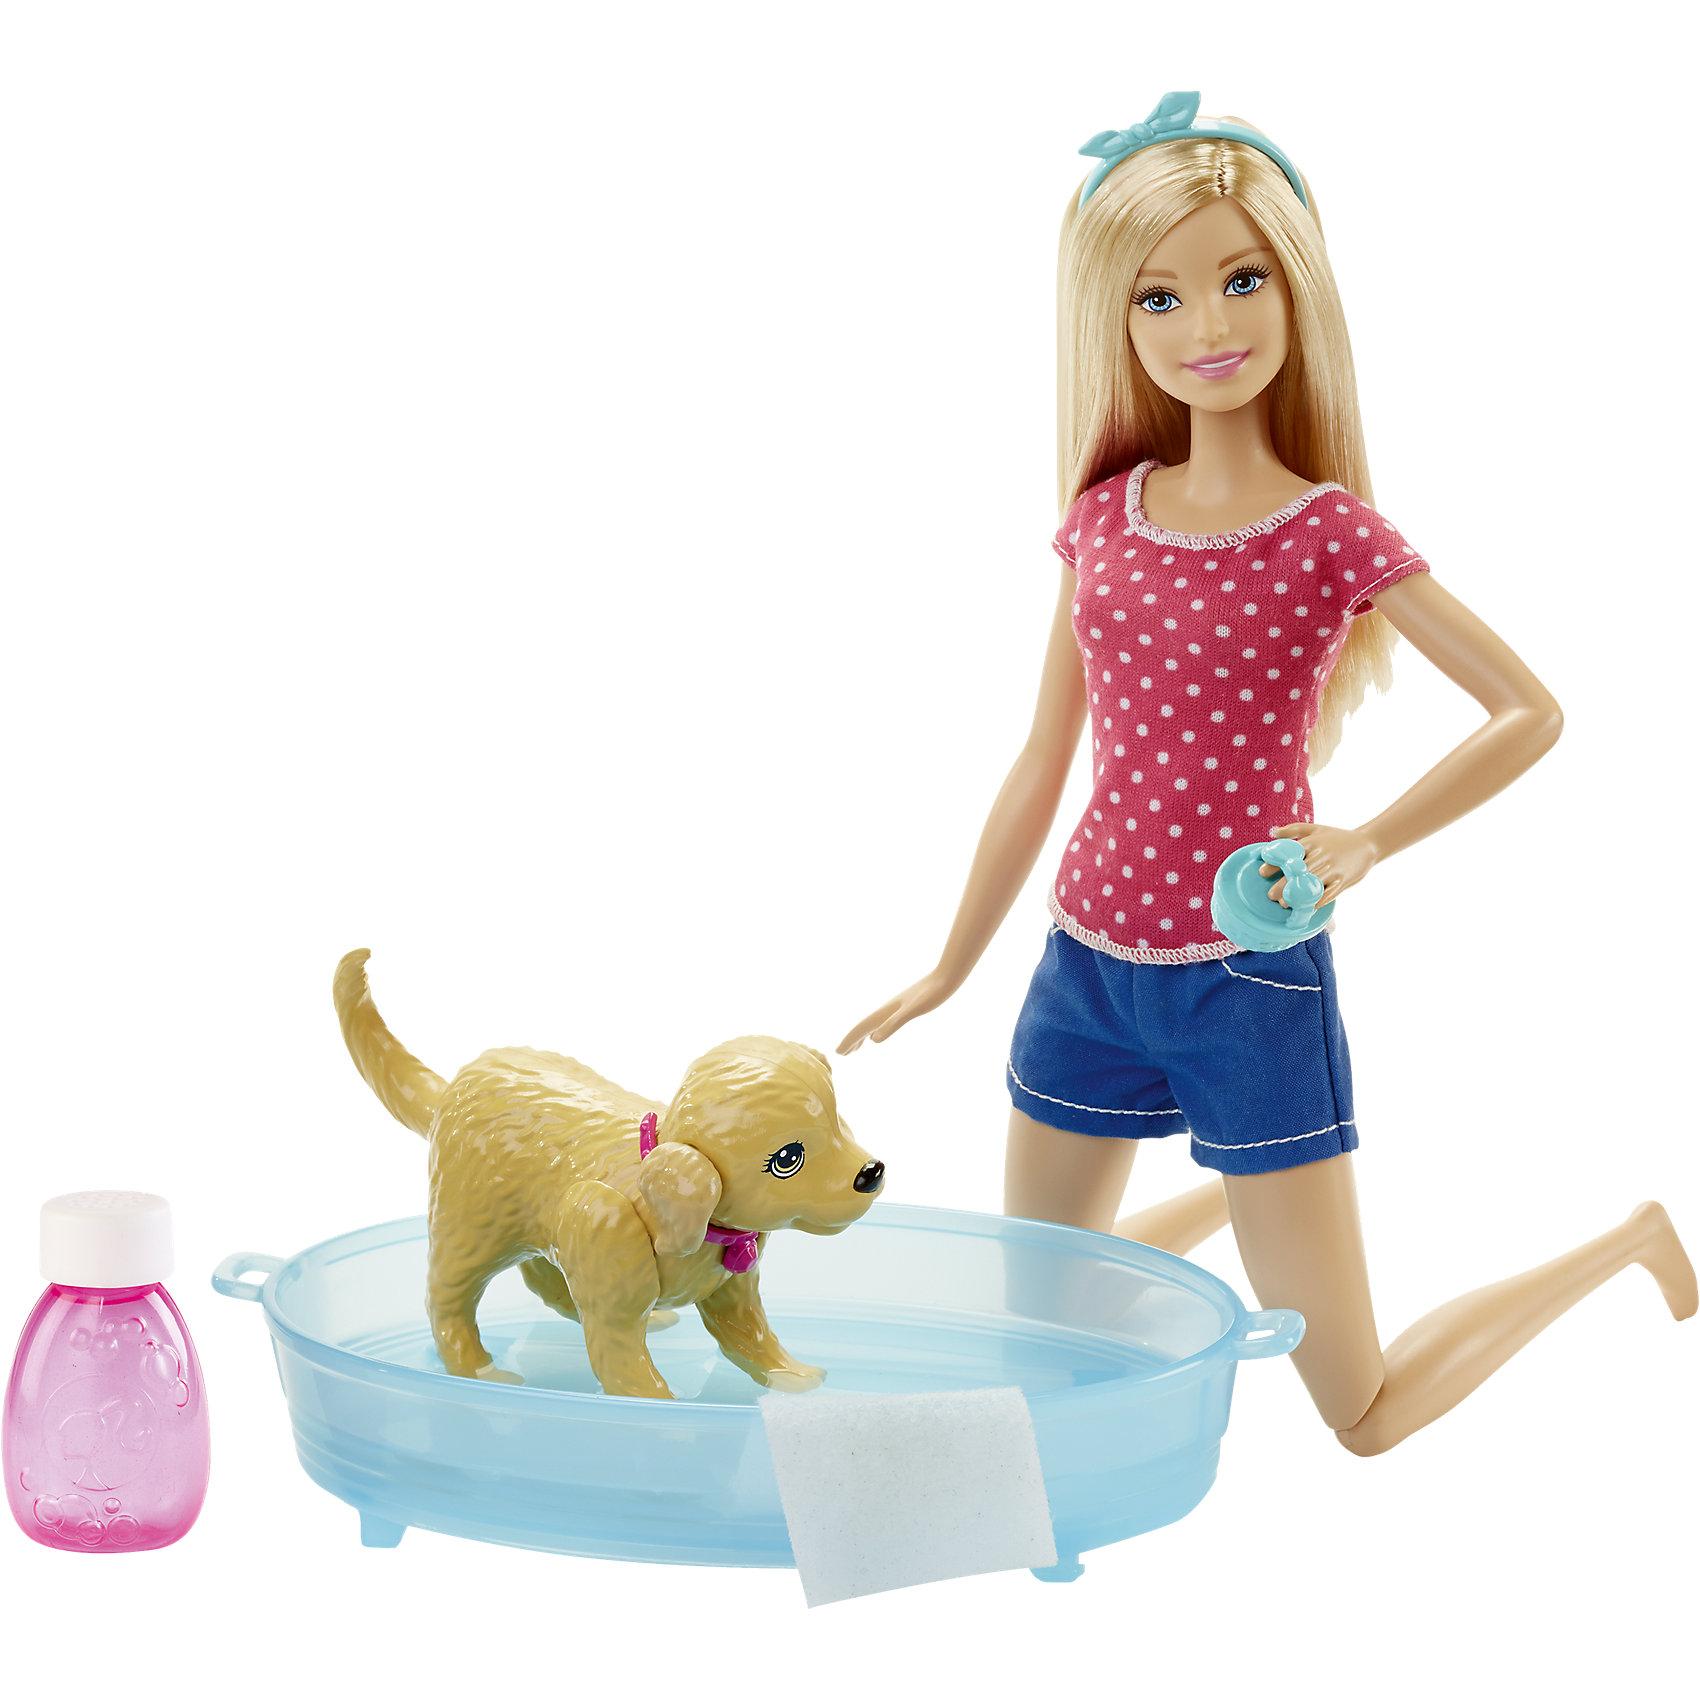 Игровой набор Водные забавы, BarbieПомоги Барби искупать своего любимого питомца, маленького щенка-непоседу! Посадите собачку в ванну с водой, а в прилагаемую фирменную бутылочку налейте и разведите водой собственный шампунь. Потом нажмите ей на спину и смотрите, как она плещется! Она вертится, отряхивается, машет хвостом, брызгается - совсем как живая. Теперь помоги Барби вытереть щенка специальным полотенцем. <br><br>Дополнительная информация:<br><br>- Материал: пластик, текстиль.<br>- Размер куклы: 29 см.<br>- Комплектация: кукла Барби в одежде, собака, пластмассовая ванночка, полотенце и расческа для нее, бутылочка для шампуня.<br>- Голова, руки, ноги куклы подвижные.<br>- Собачка подвижная.<br><br>Игровой набор Водные забавы, Barbie (Барби), можно купить в нашем магазине.<br><br>Ширина мм: 330<br>Глубина мм: 241<br>Высота мм: 68<br>Вес г: 362<br>Возраст от месяцев: 36<br>Возраст до месяцев: 72<br>Пол: Женский<br>Возраст: Детский<br>SKU: 4349919